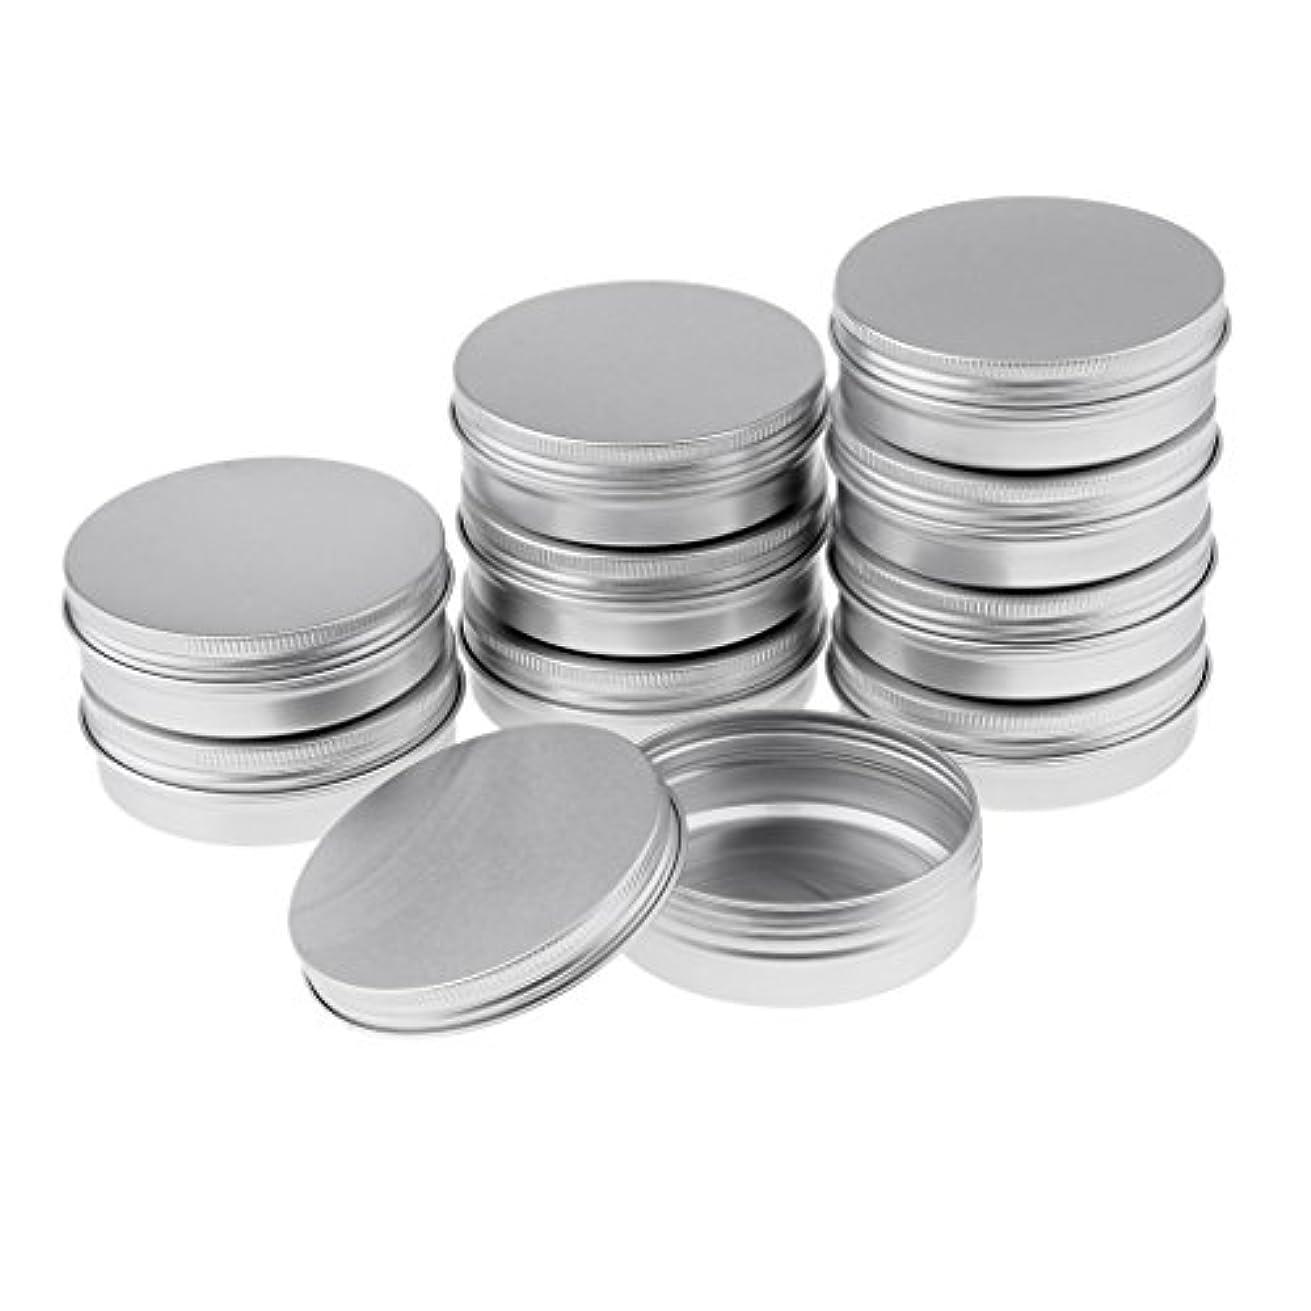 馬鹿げた器用じゃないHomyl 10個 空缶 ジャー スクリュー蓋付き アルミ ラウンド 詰替え容器 コスメ DIY 3サイズ選べる - 8.2x2.7 cm